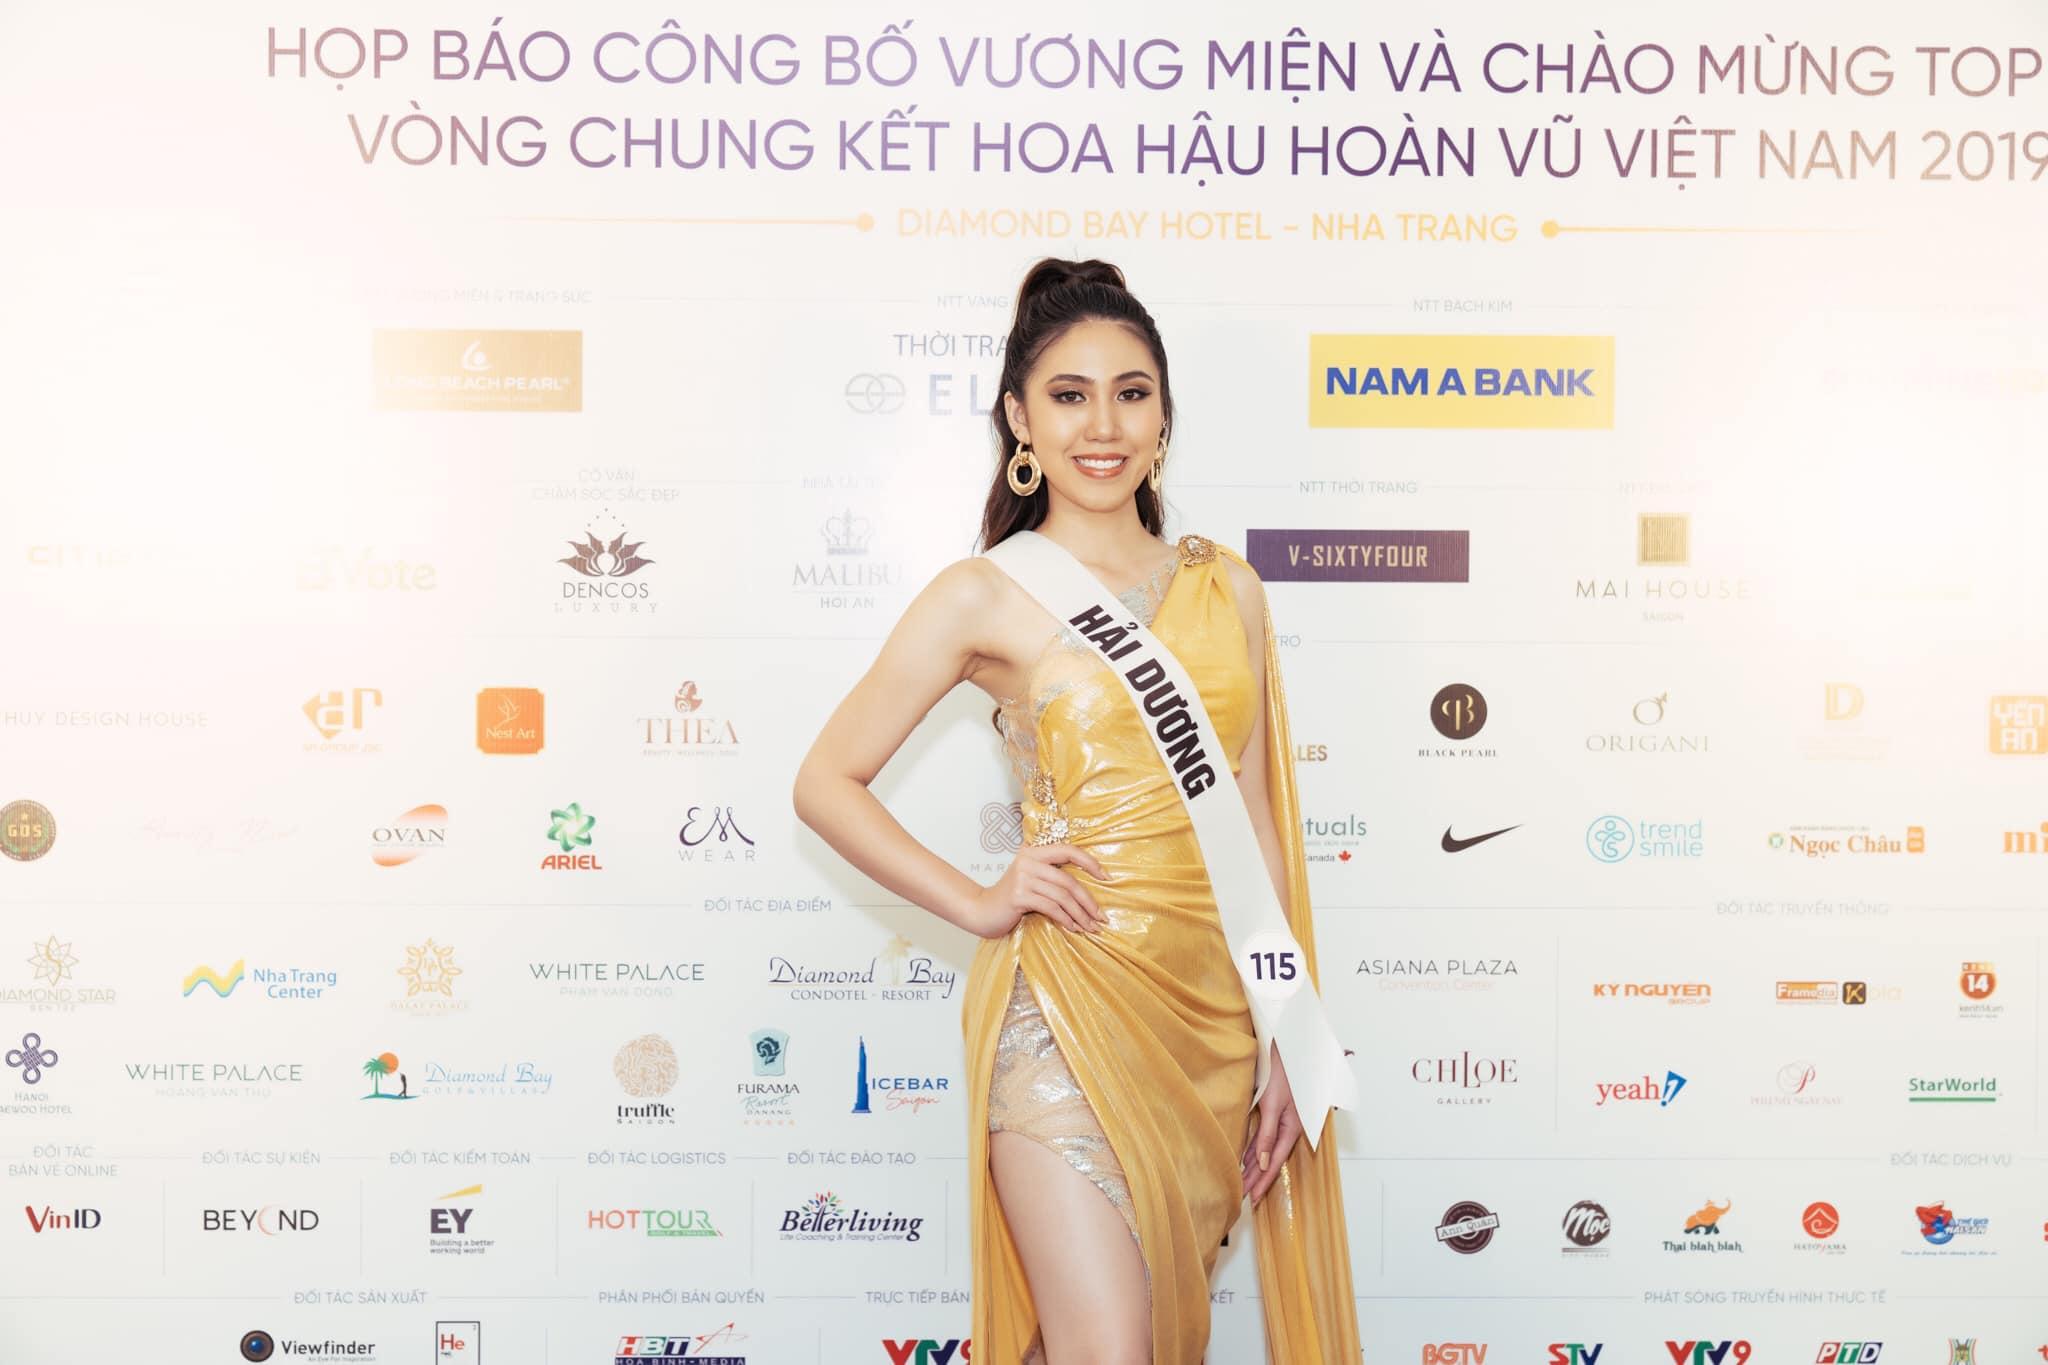 Thí sinh Nguyễn Thị Quỳnh Nga - SDB 115